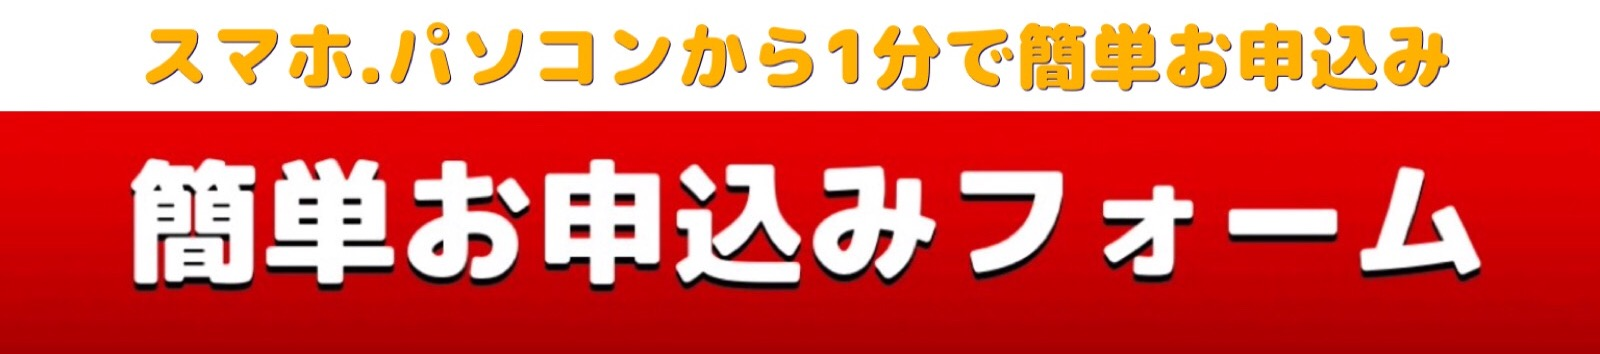 カリモク宇都宮イベント申込み